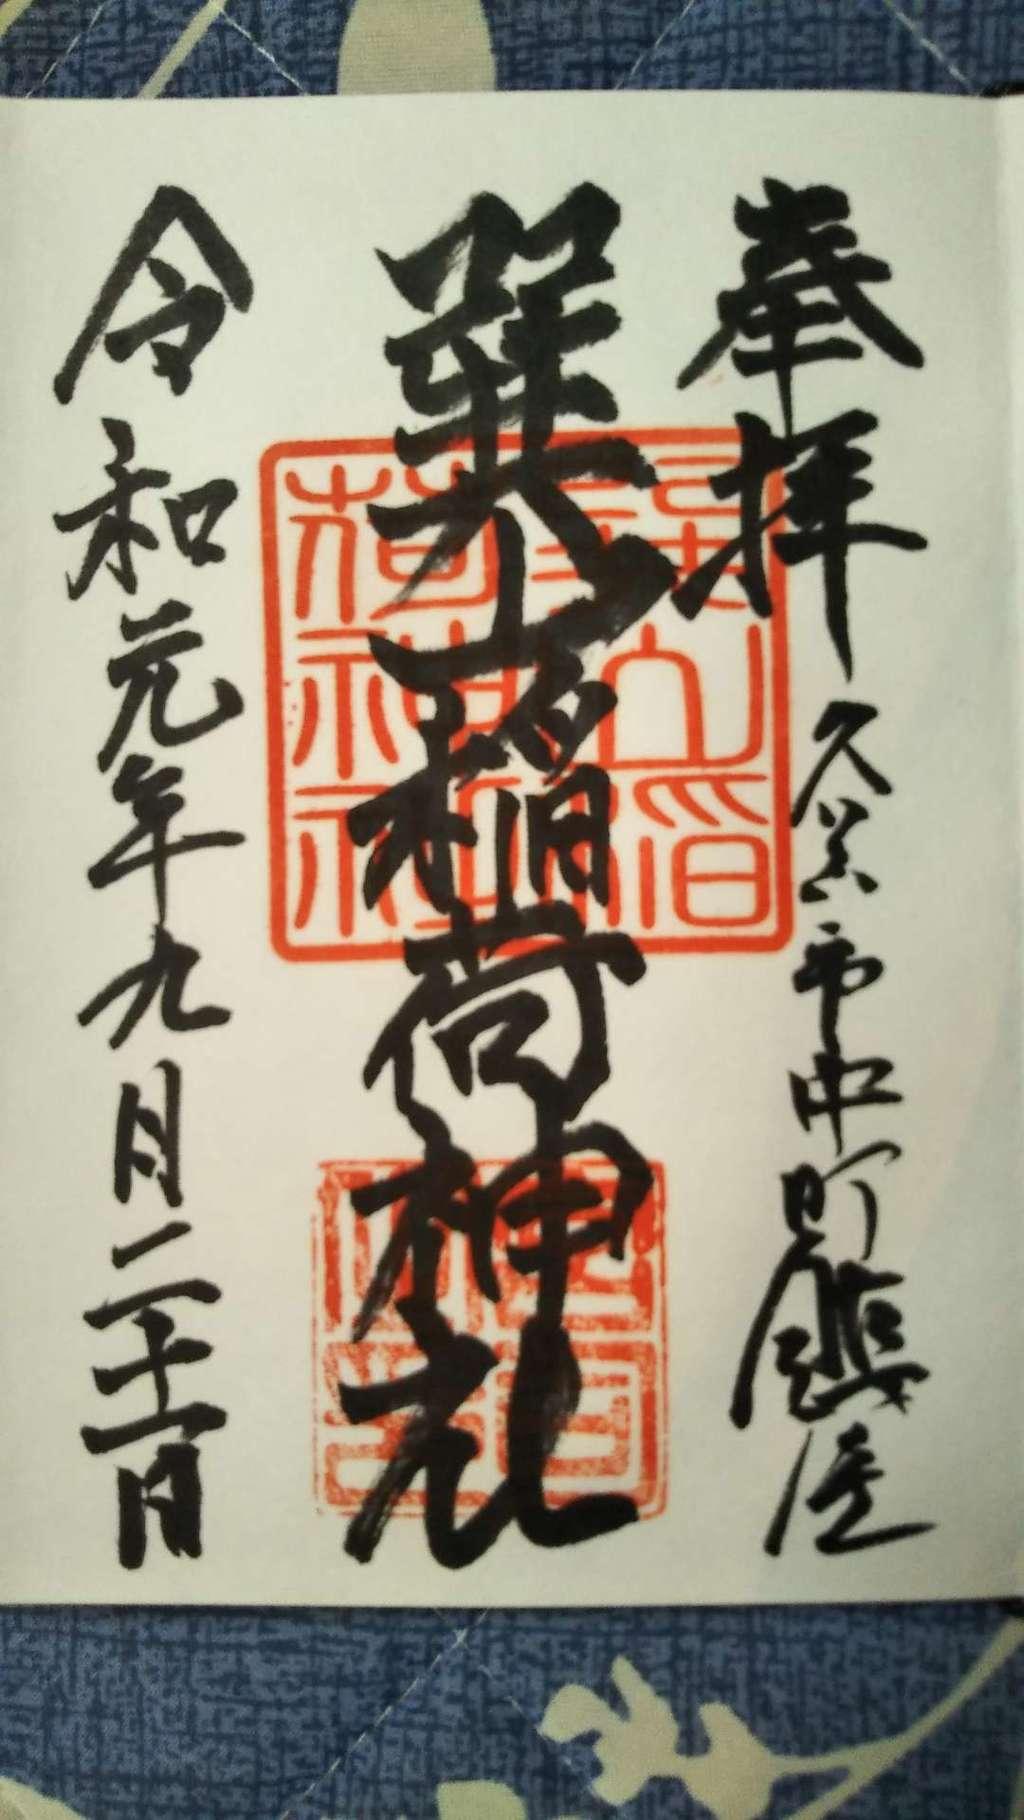 巽山稲荷神社の御朱印